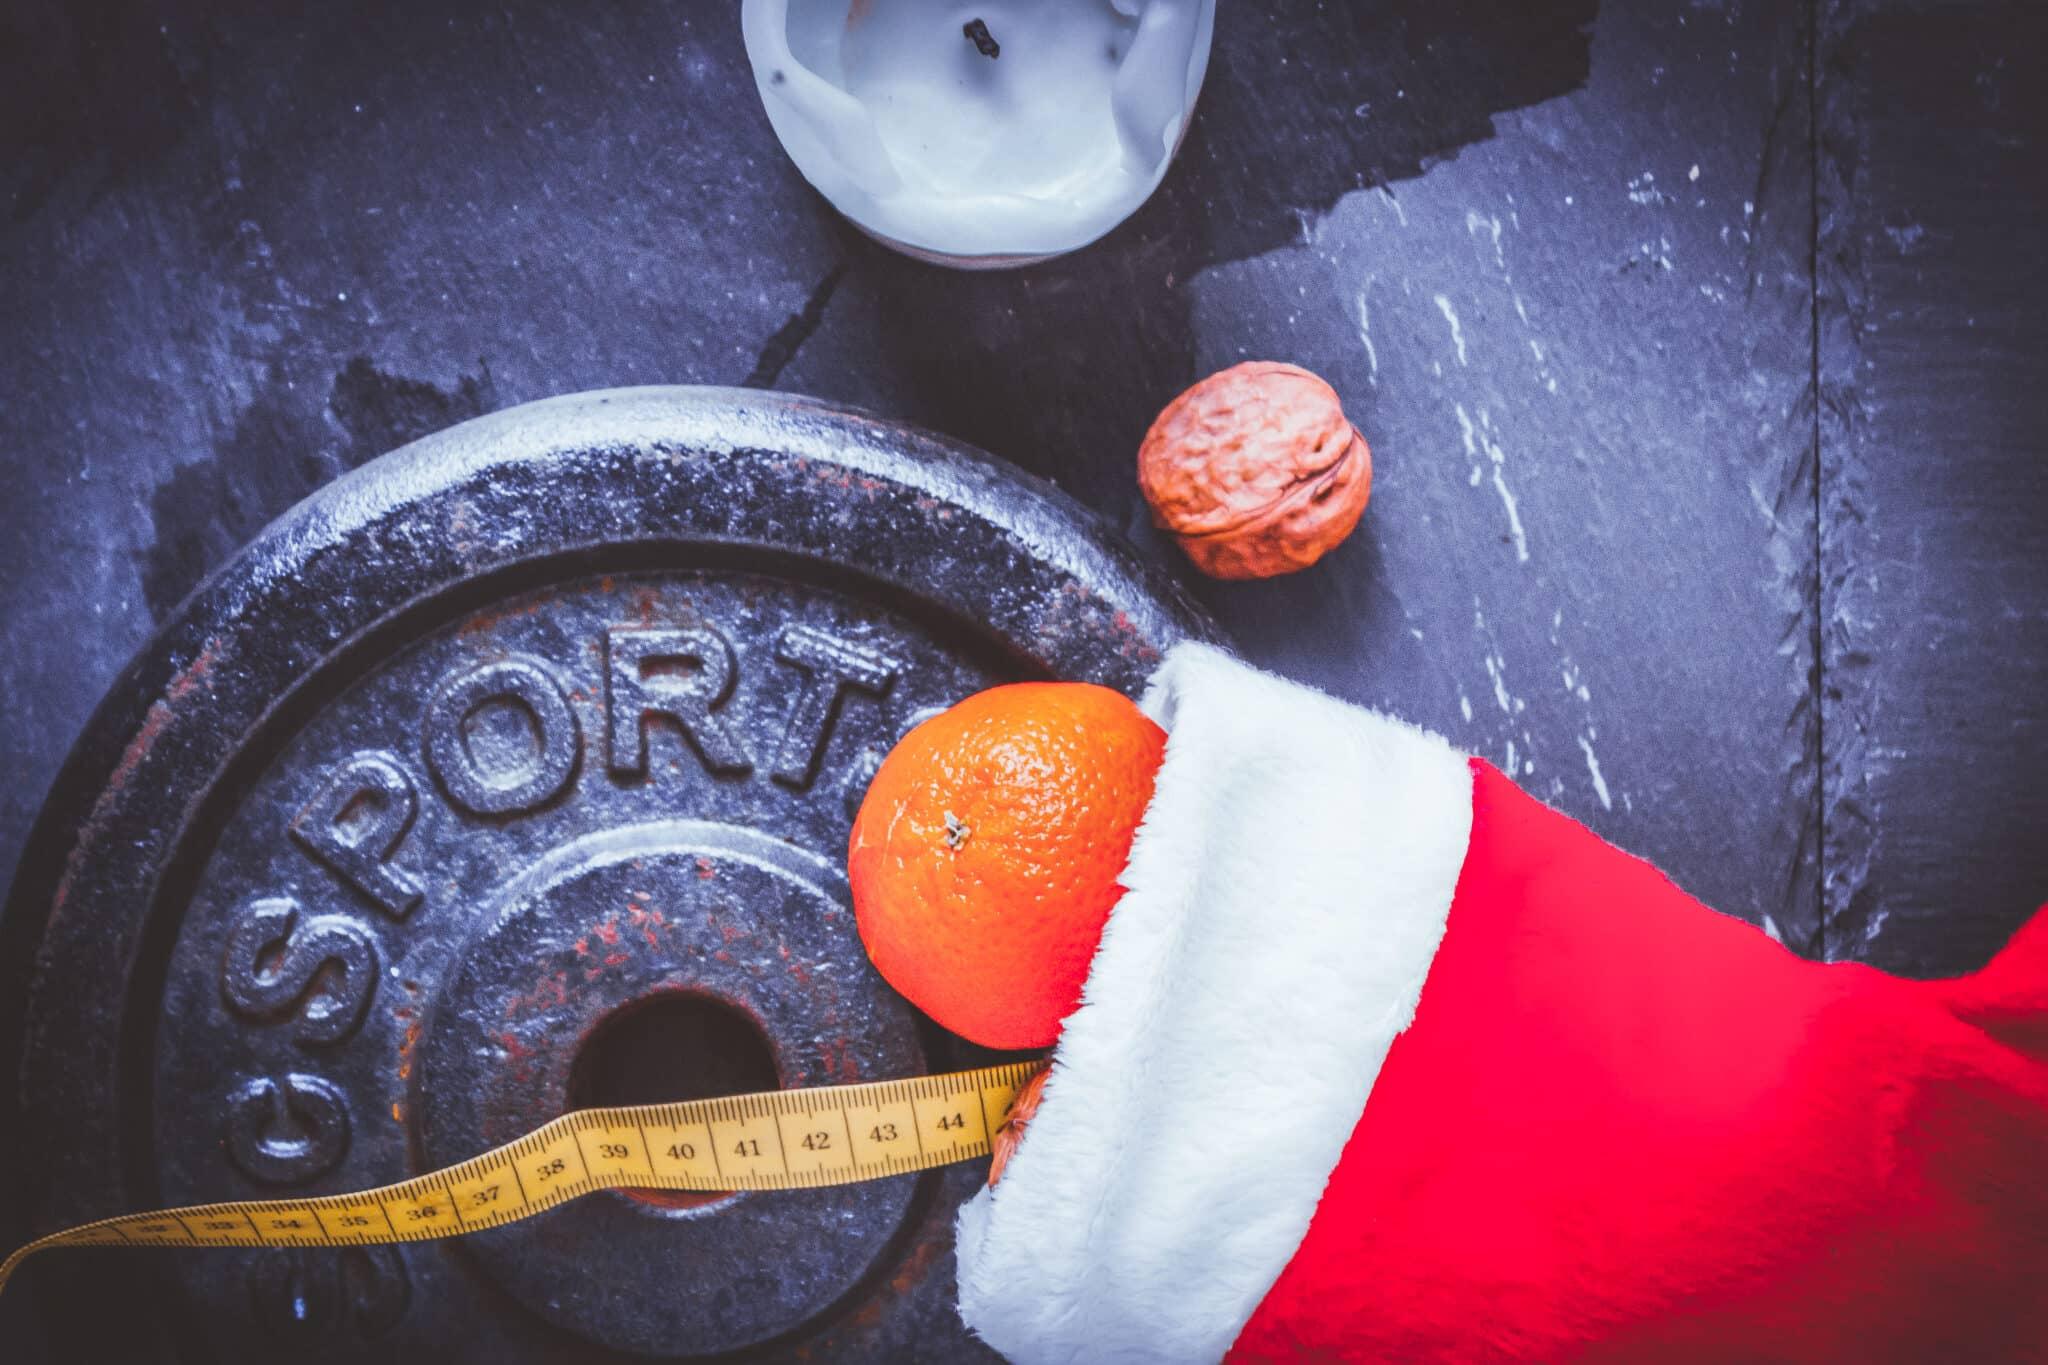 Abnehmen an Weihnachten - mit diesen Tipps kannst du an den Feiertagen Gewicht verlieren.